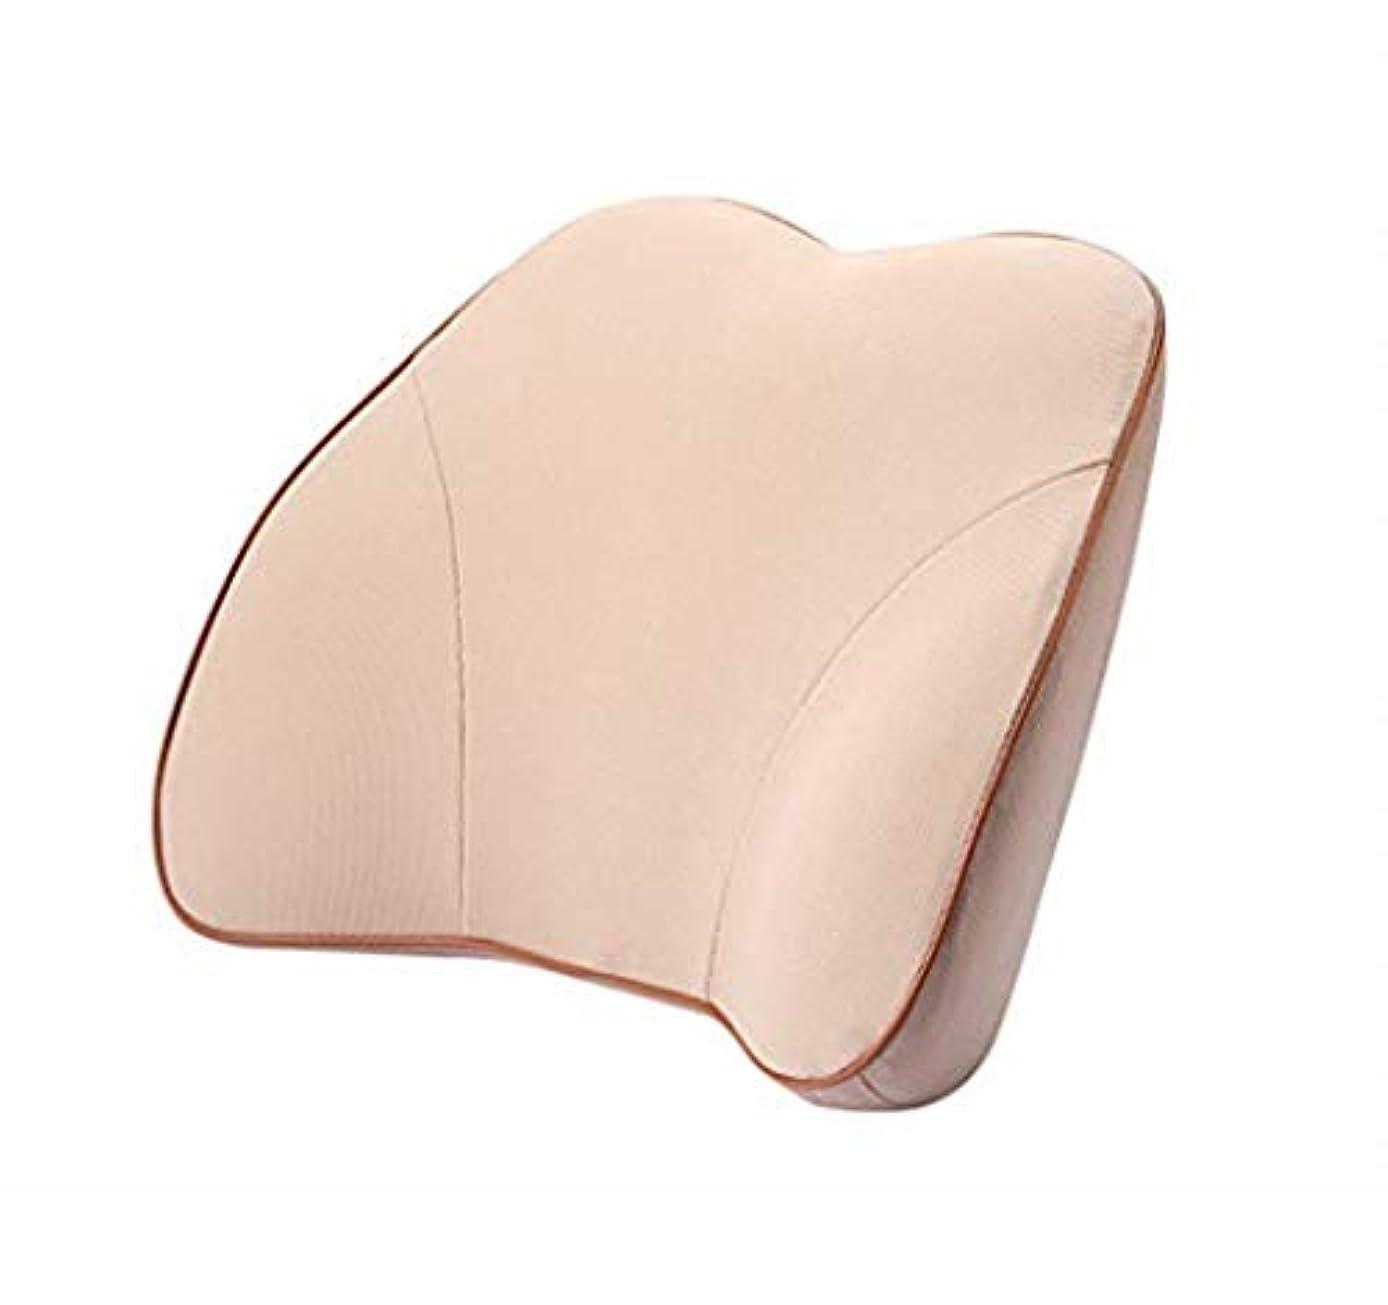 速い途方もないトラック腰椎枕 - 100%低反発腰椎クッション - ポータブル枕 - 整形外科ウエストサポート枕 - 車のオフィスチェア - 長距離運転オフィスに適した腰痛緩和 (Color : Beige)